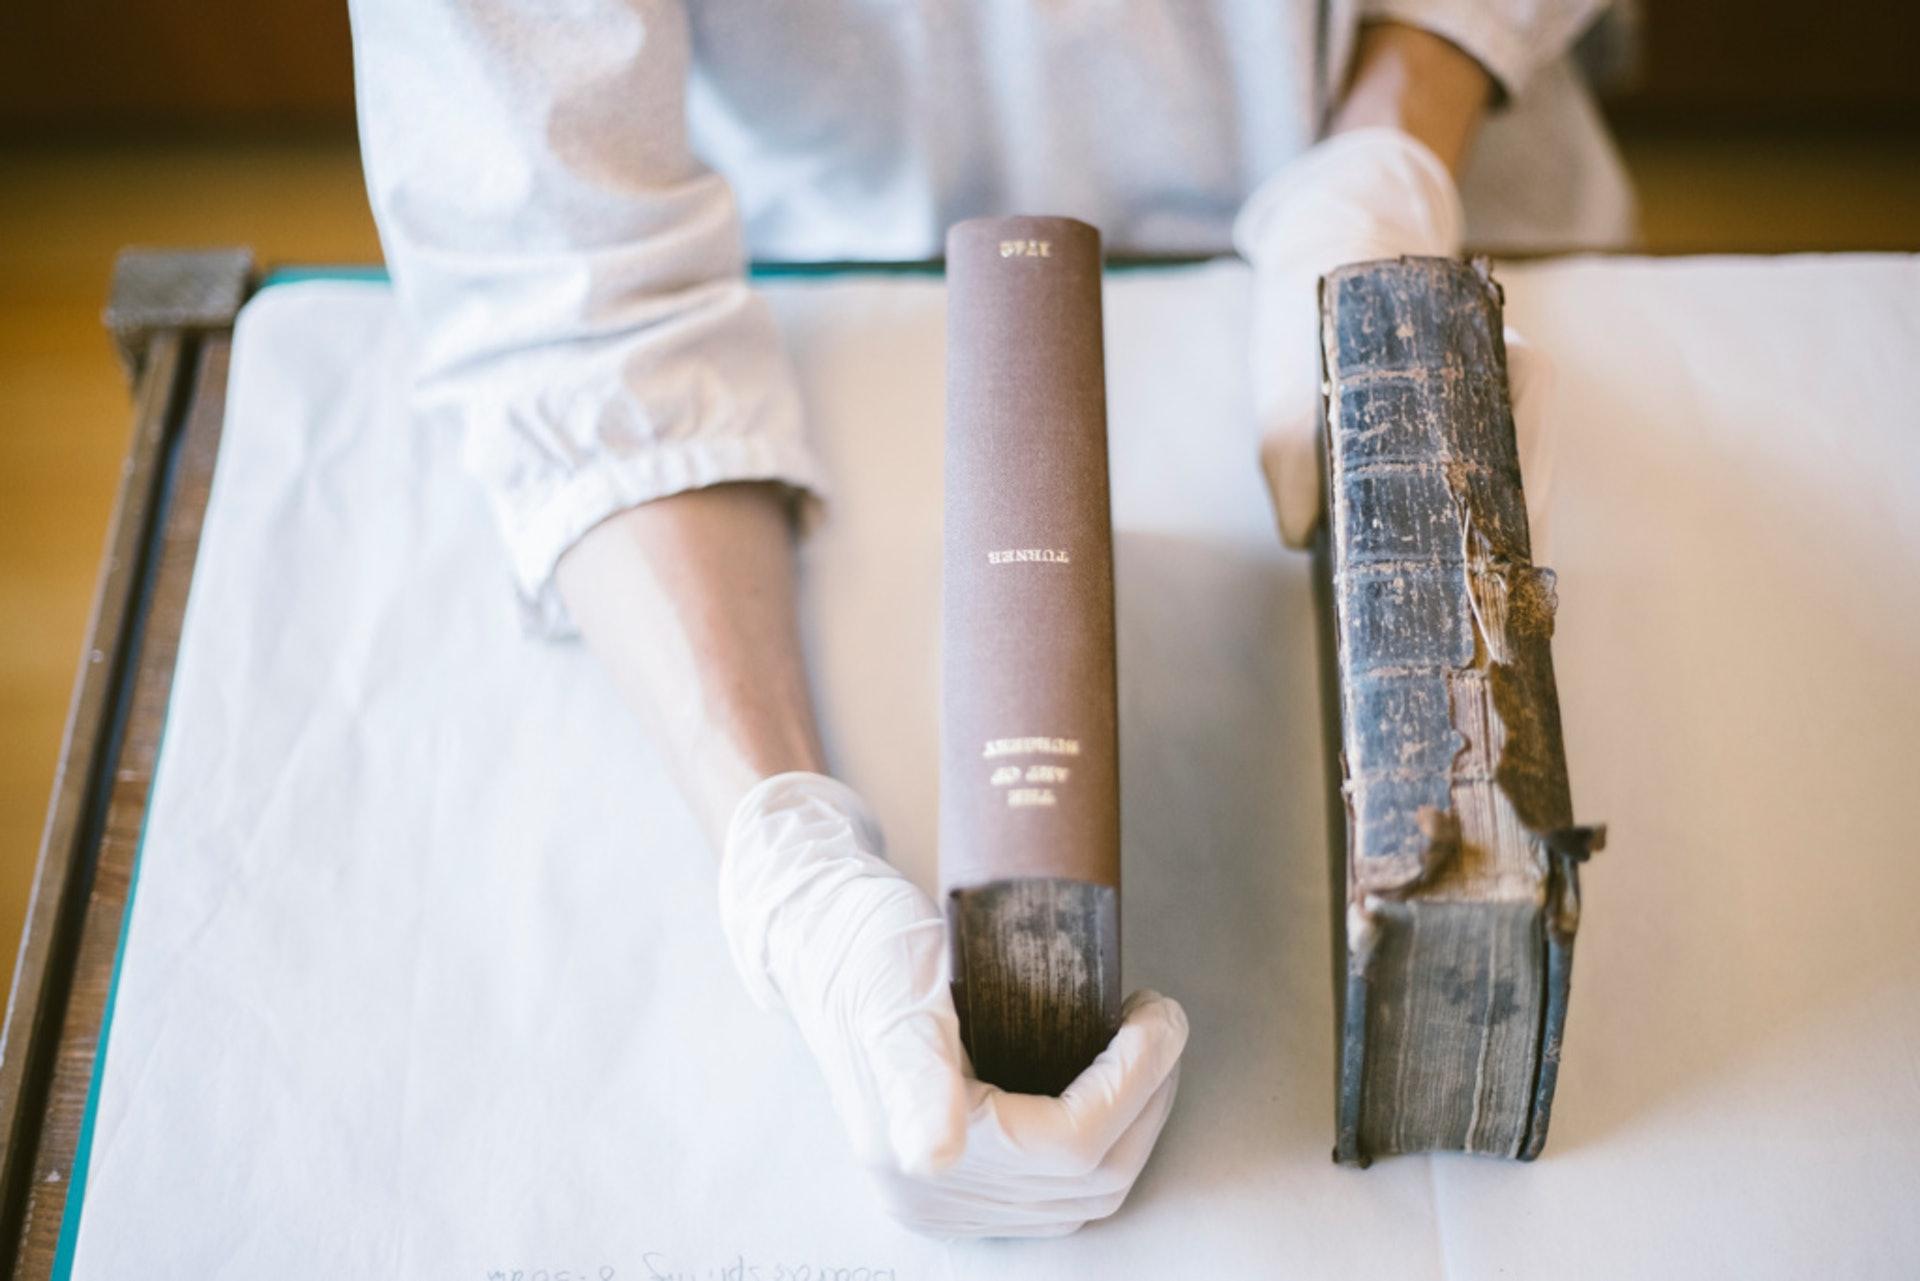 醫生所有的18世紀外科手術教材。左邊的第二冊誤用現代裝釘樣式修復,跟右邊的首冊古早原貌格格不入。